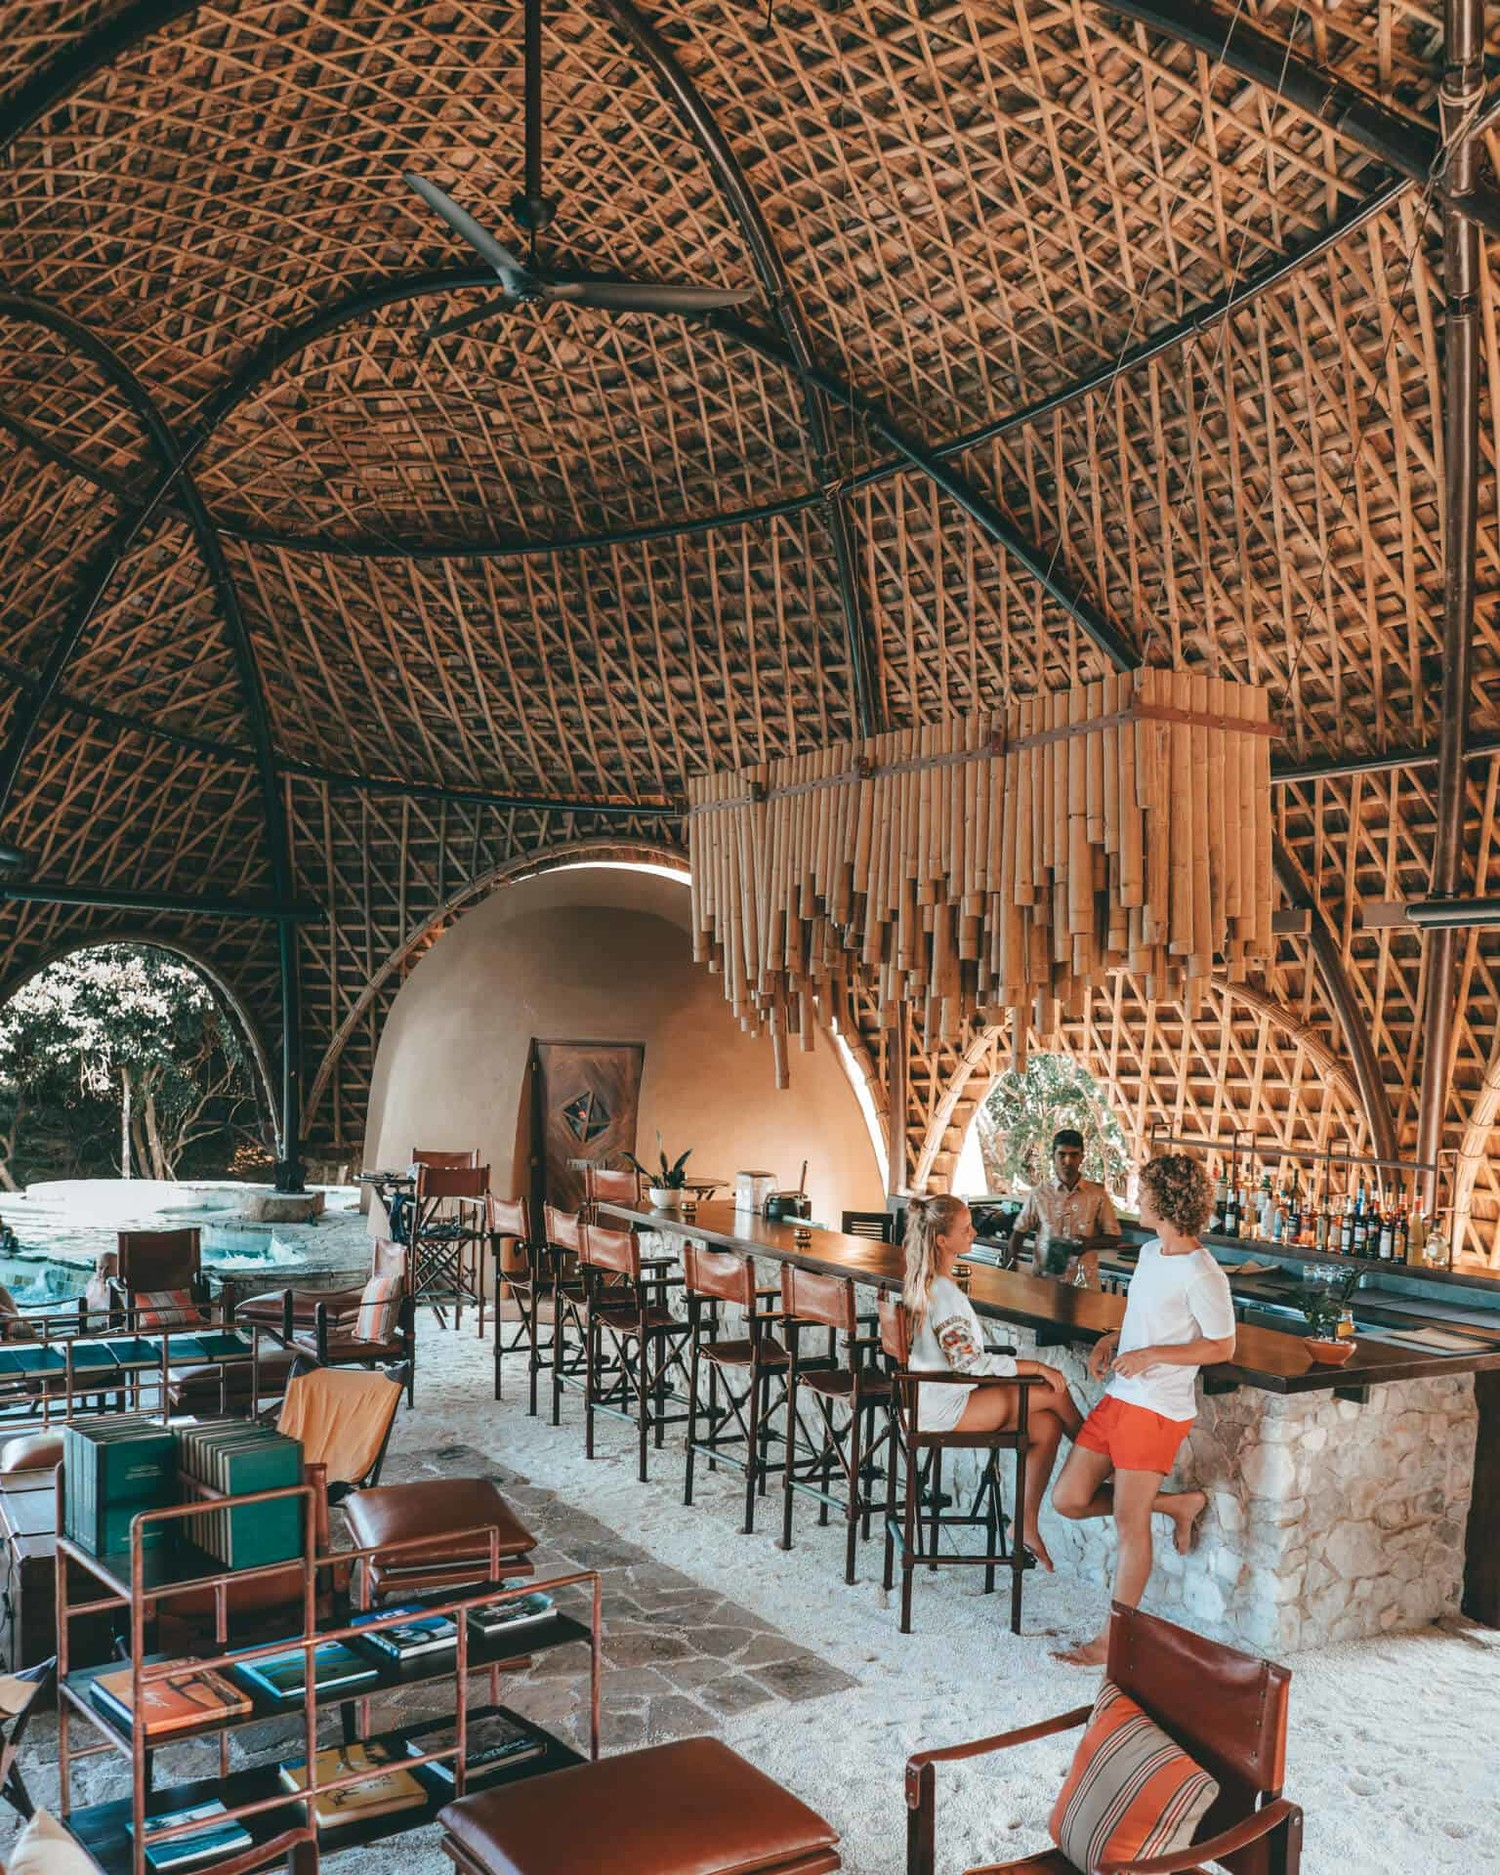 斯里兰卡免签,斯里兰卡旅游住宿推荐,罗莱夏朵野奢酒店等你来